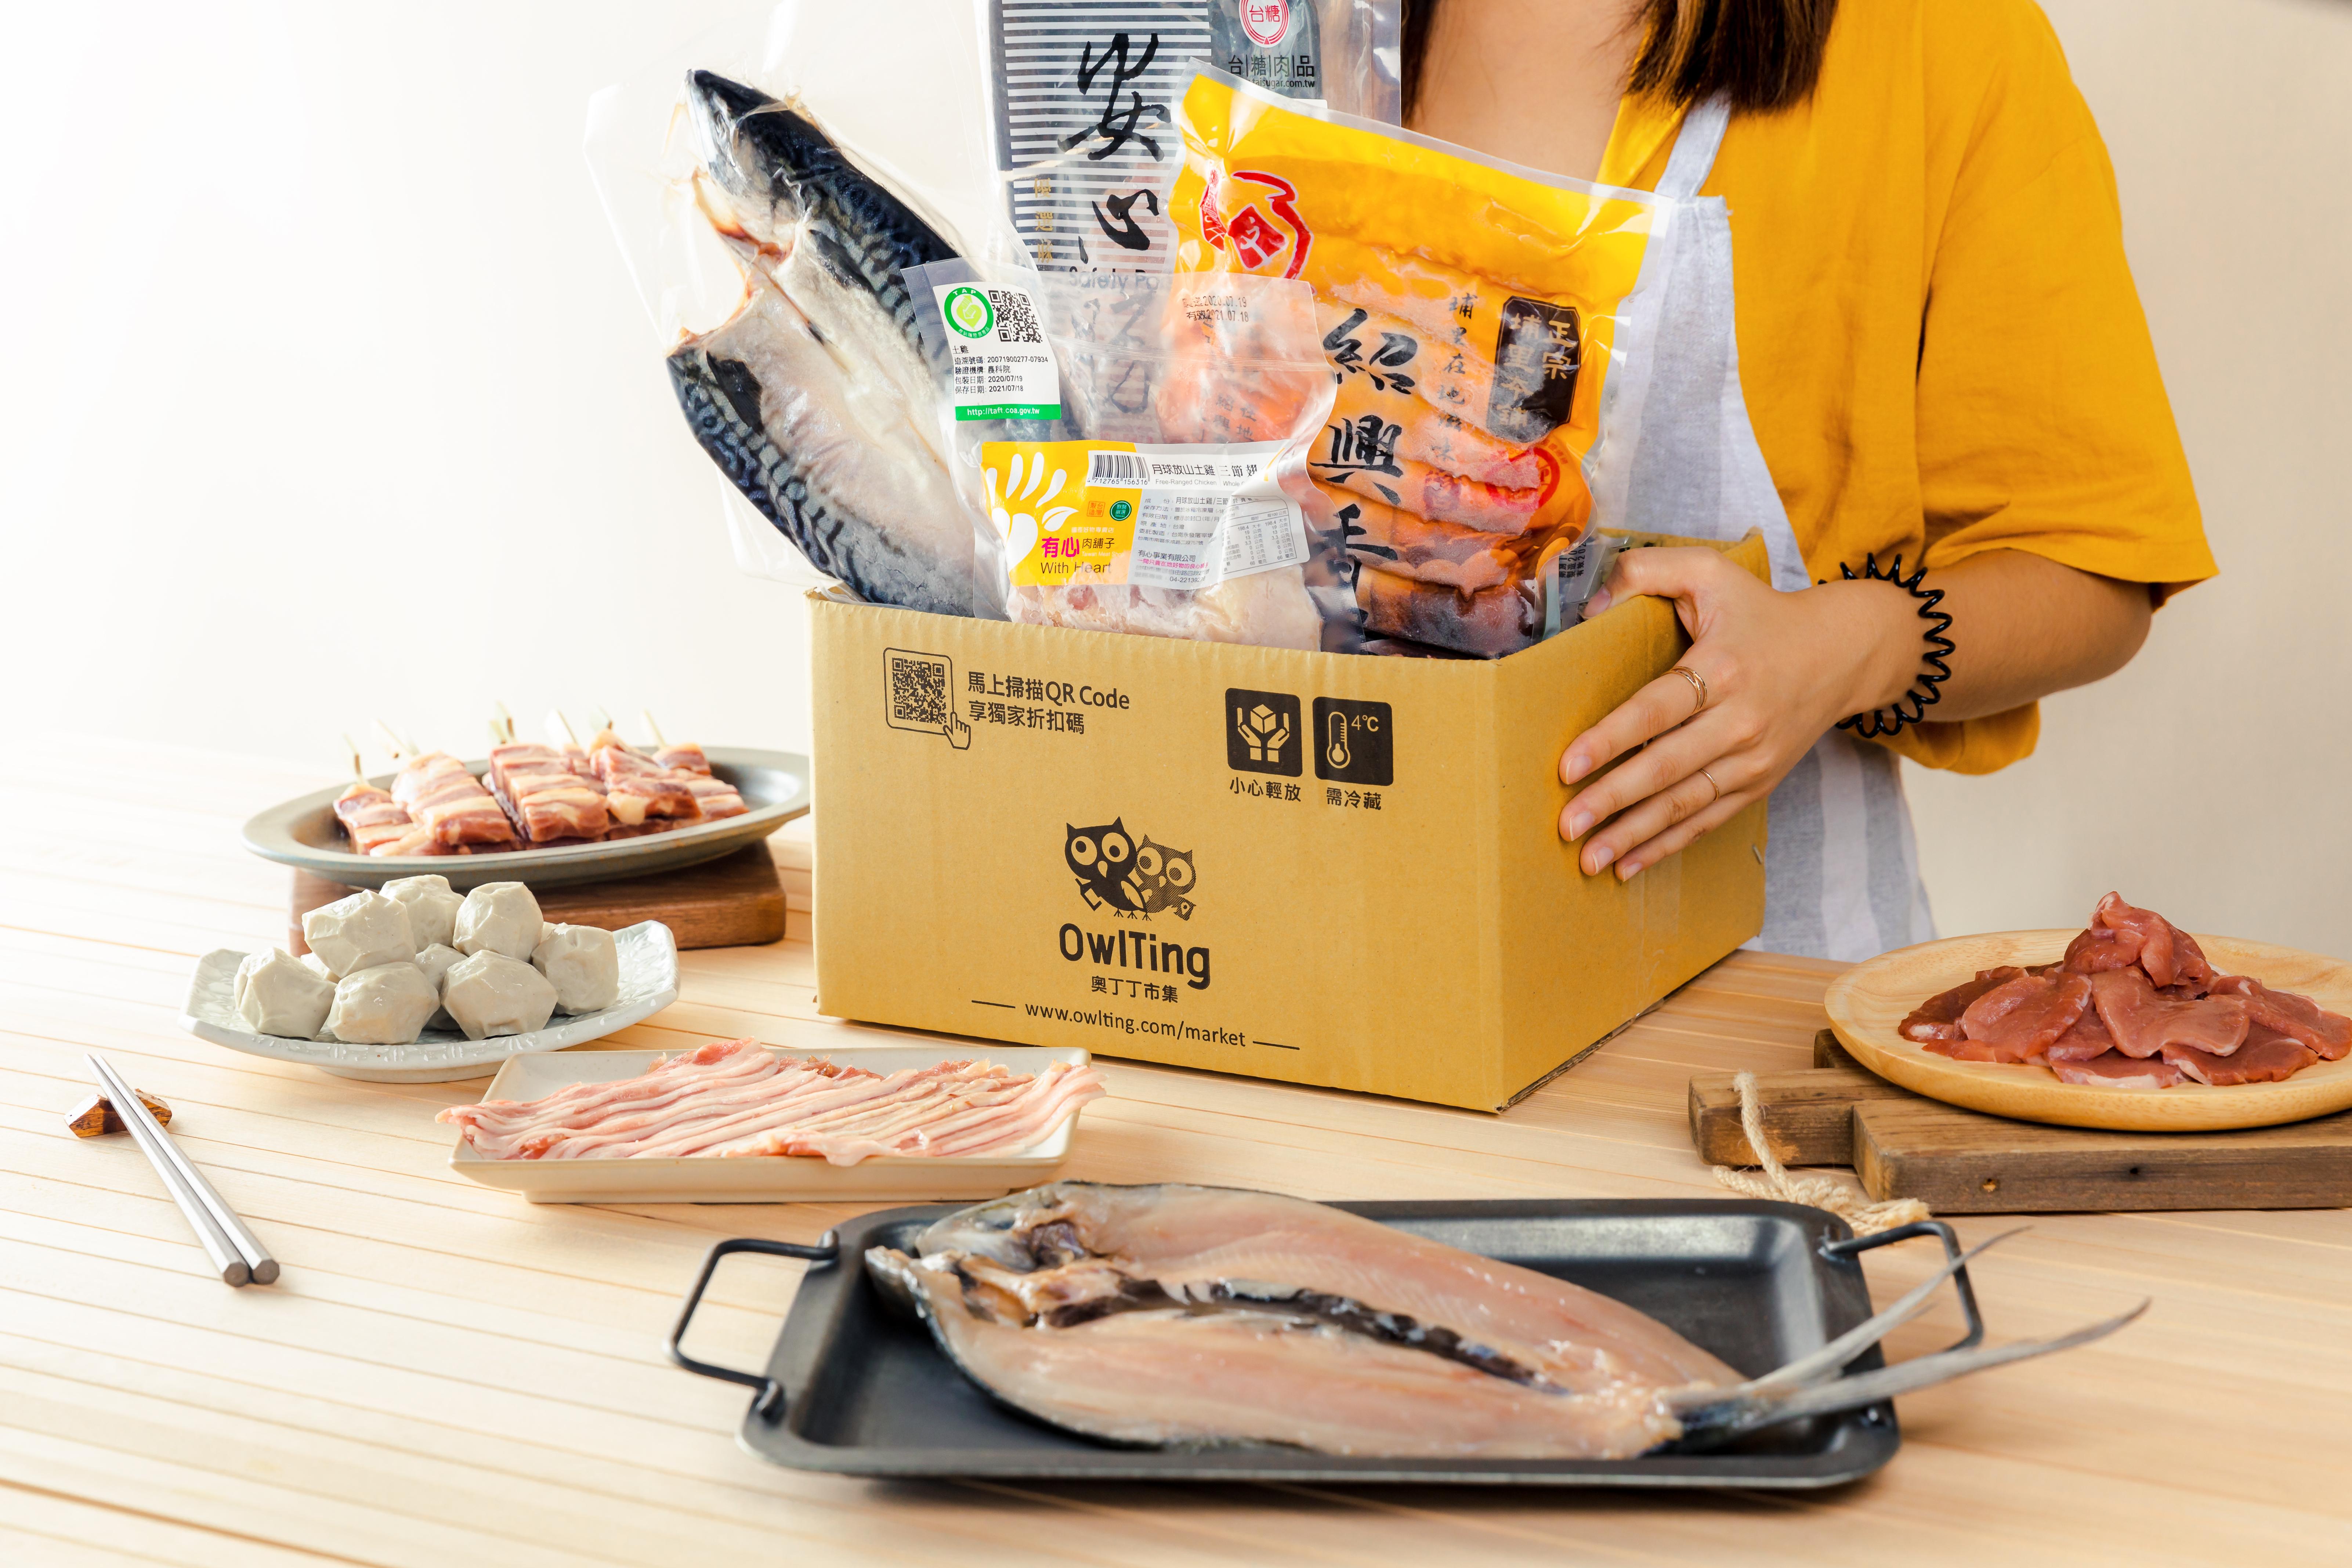 【圖二】奧丁丁市集彙整本土優質生鮮肉品,搶攻中秋烤肉及網購商機